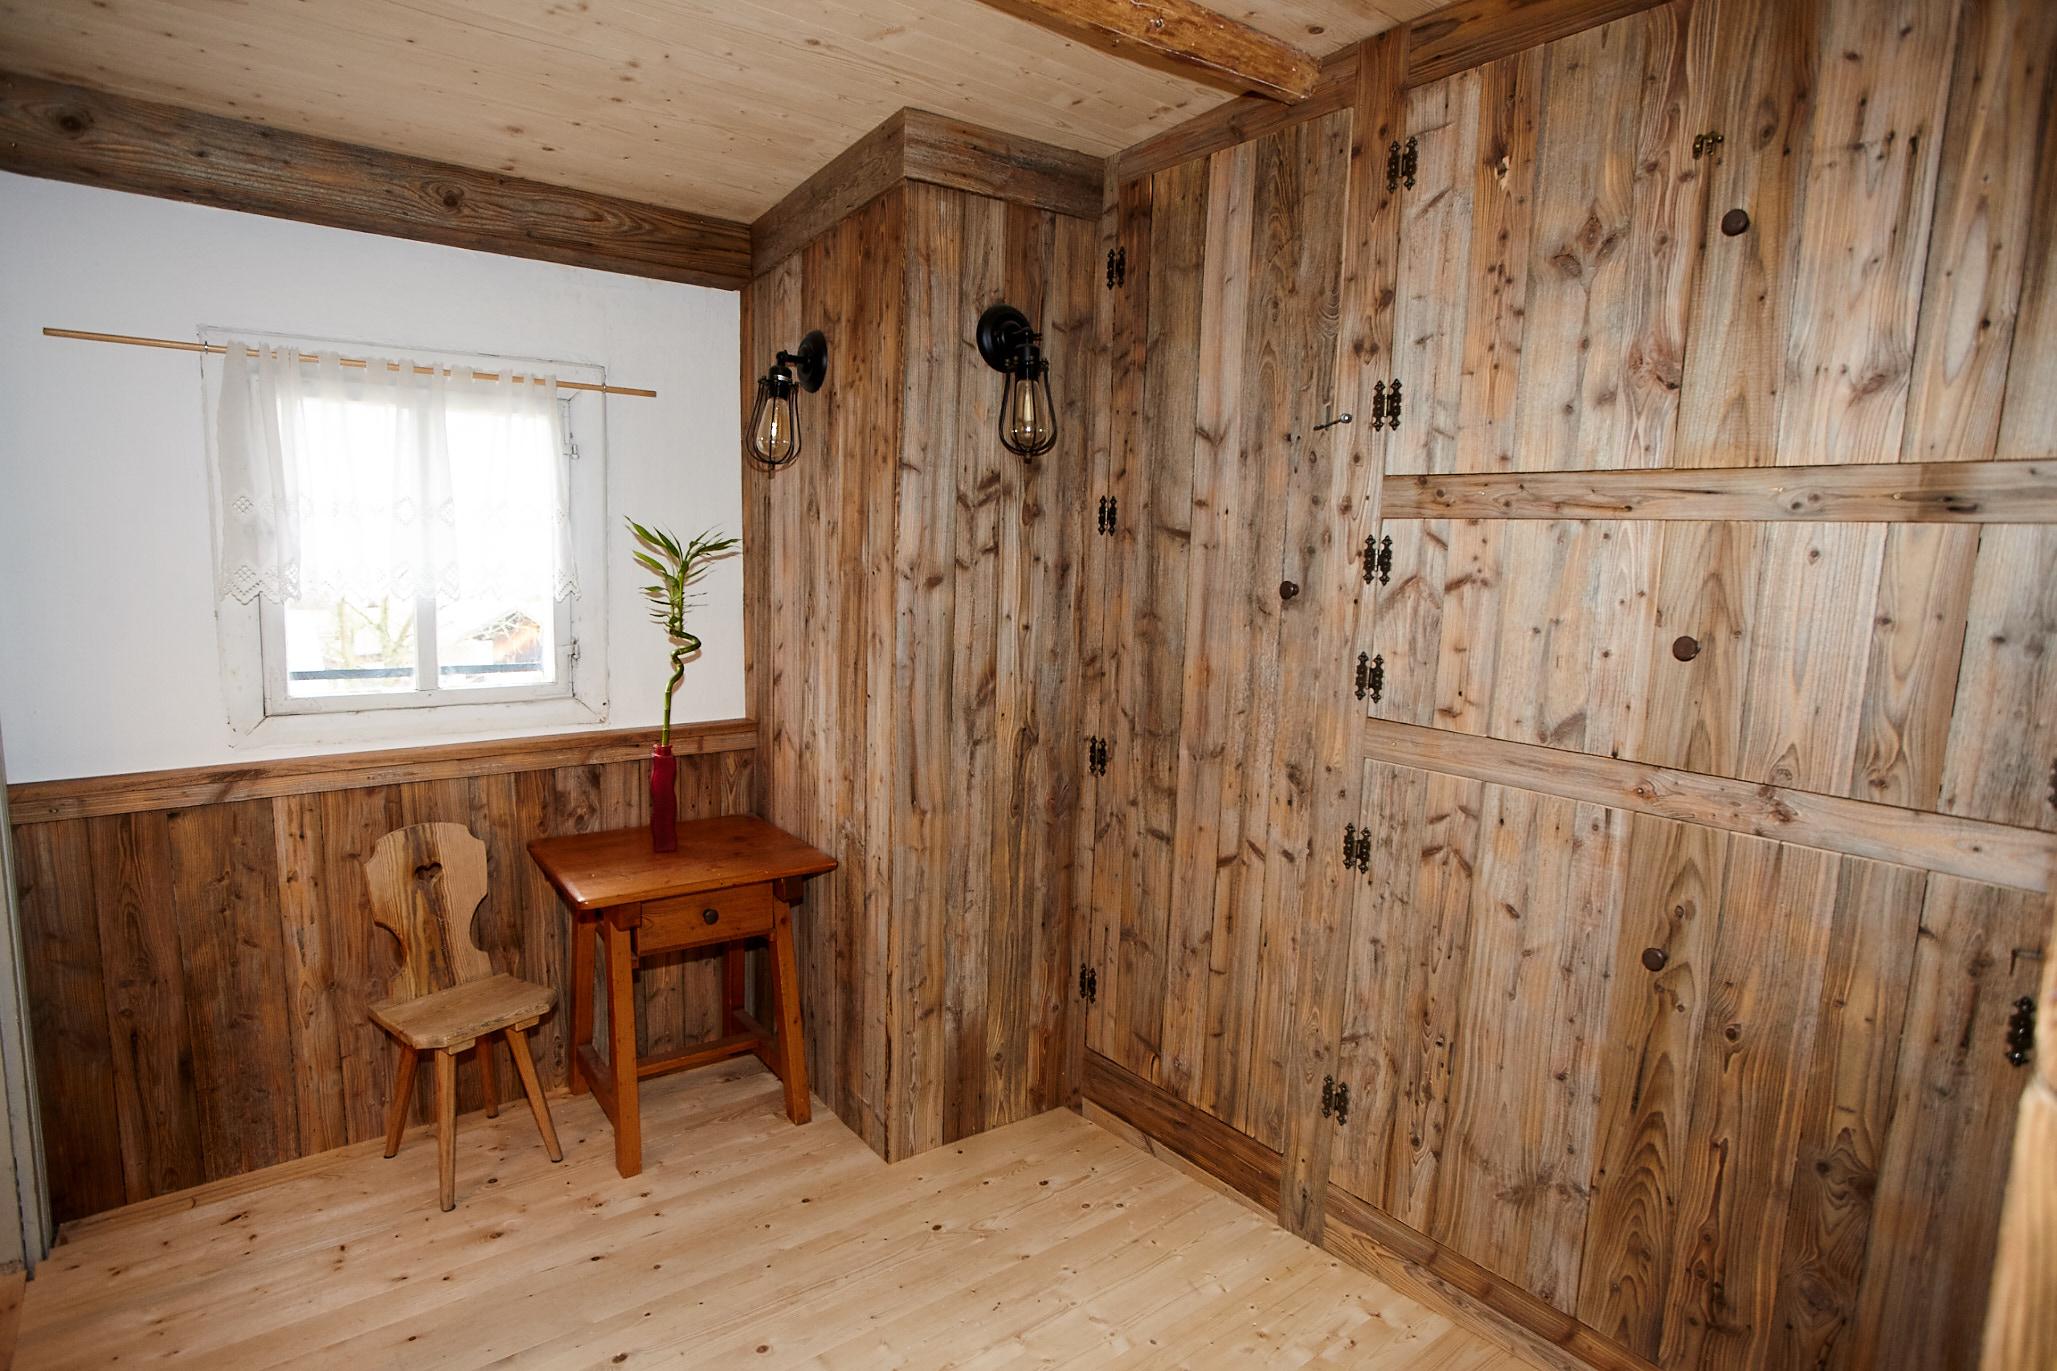 Das Haus wurde in liebevoller Handarbeit komplett renoviert.